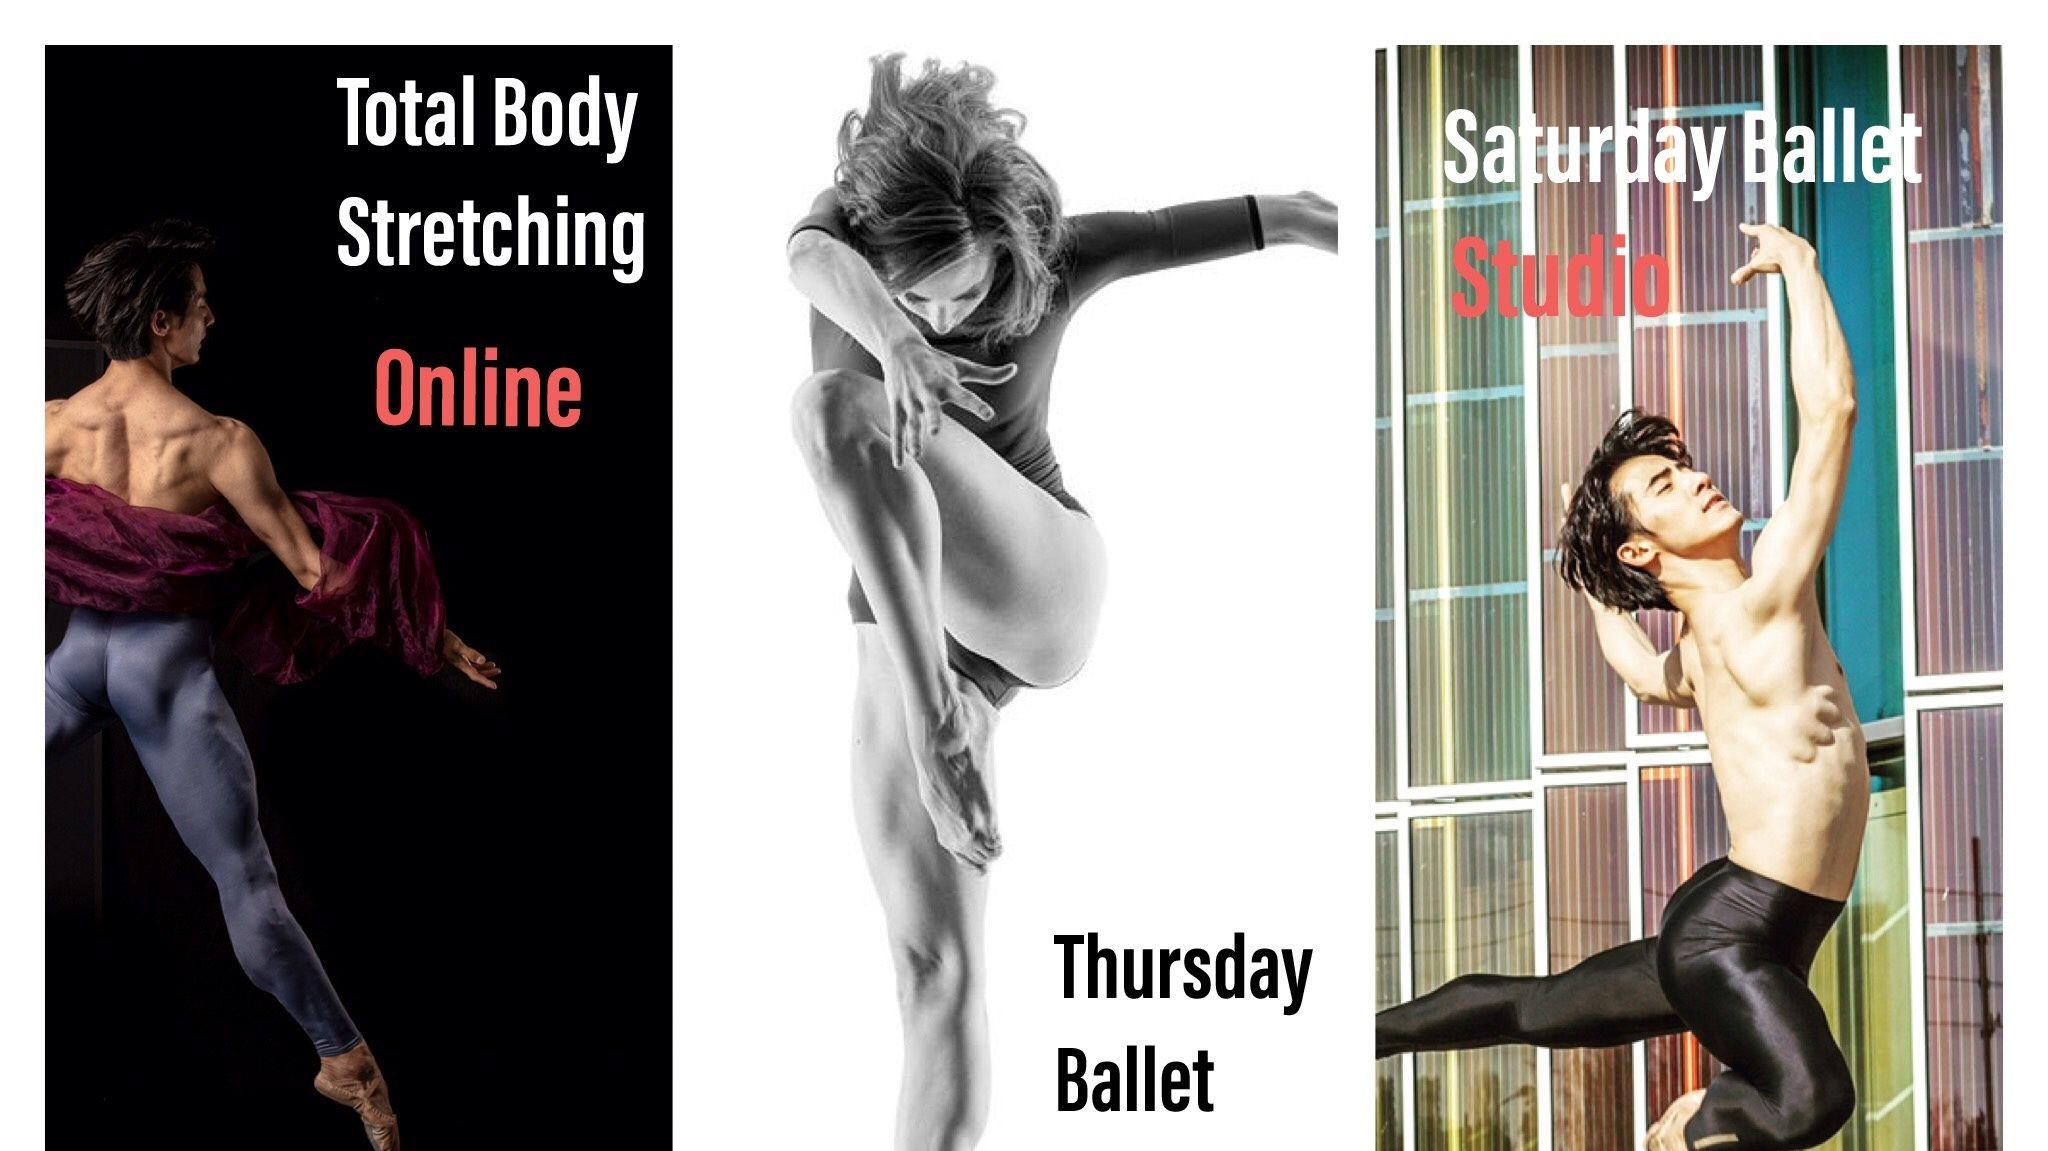 SUN-BALLET online class Thursday